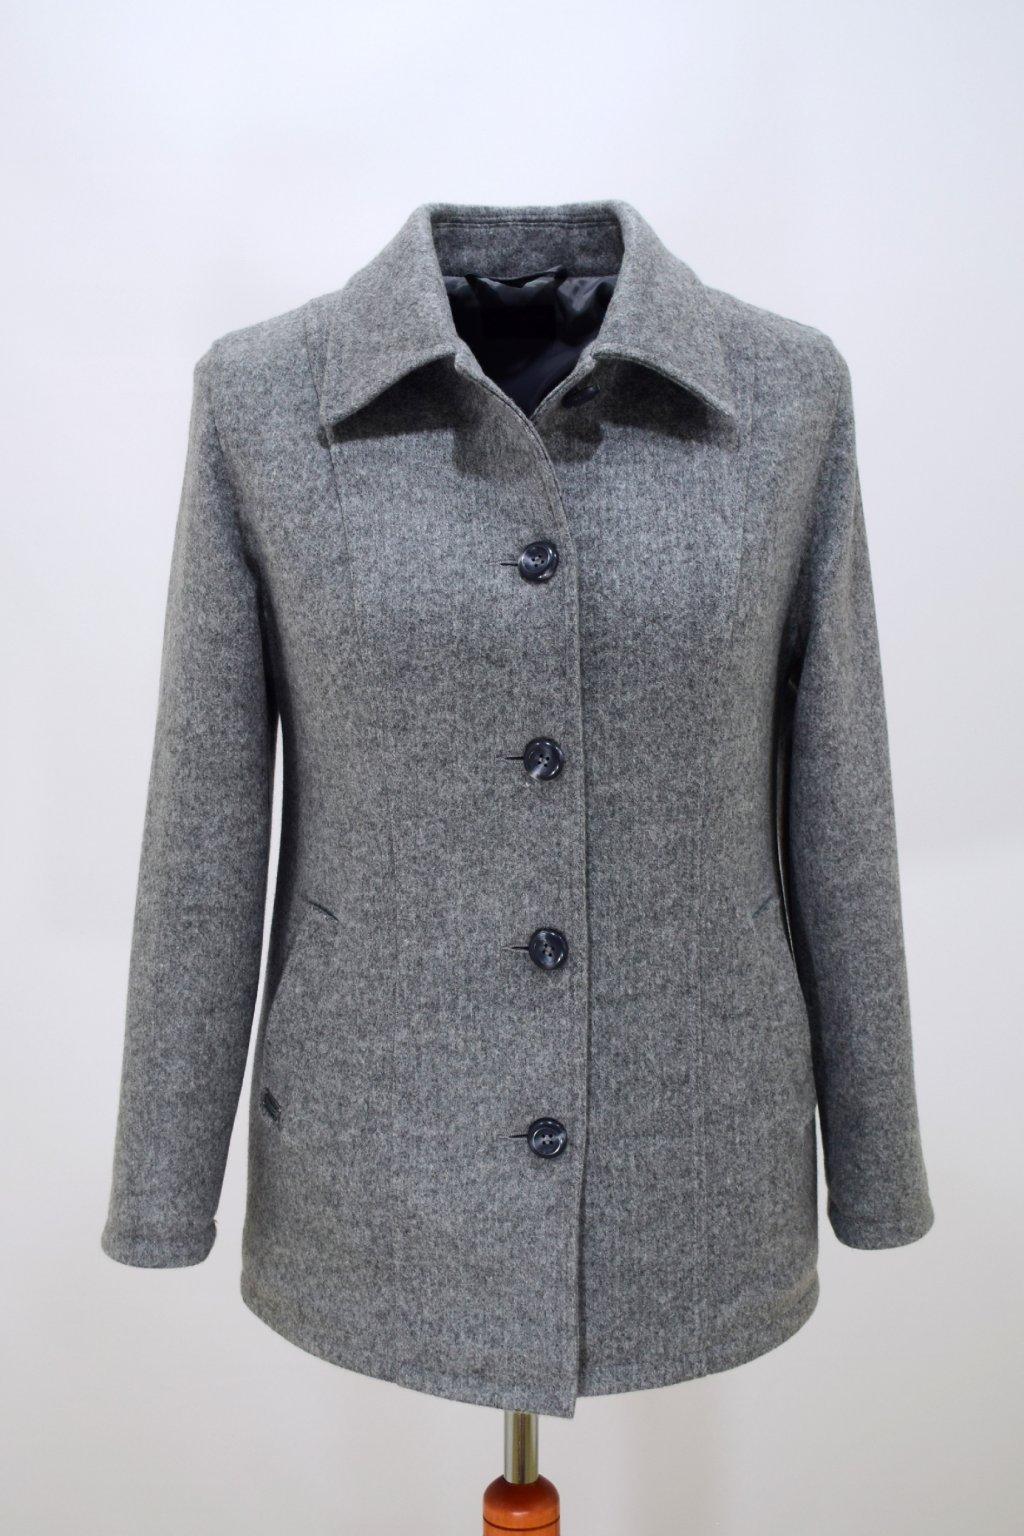 Dámský světle šedý přechodový kabátek Dorka nadměrné velikosti.